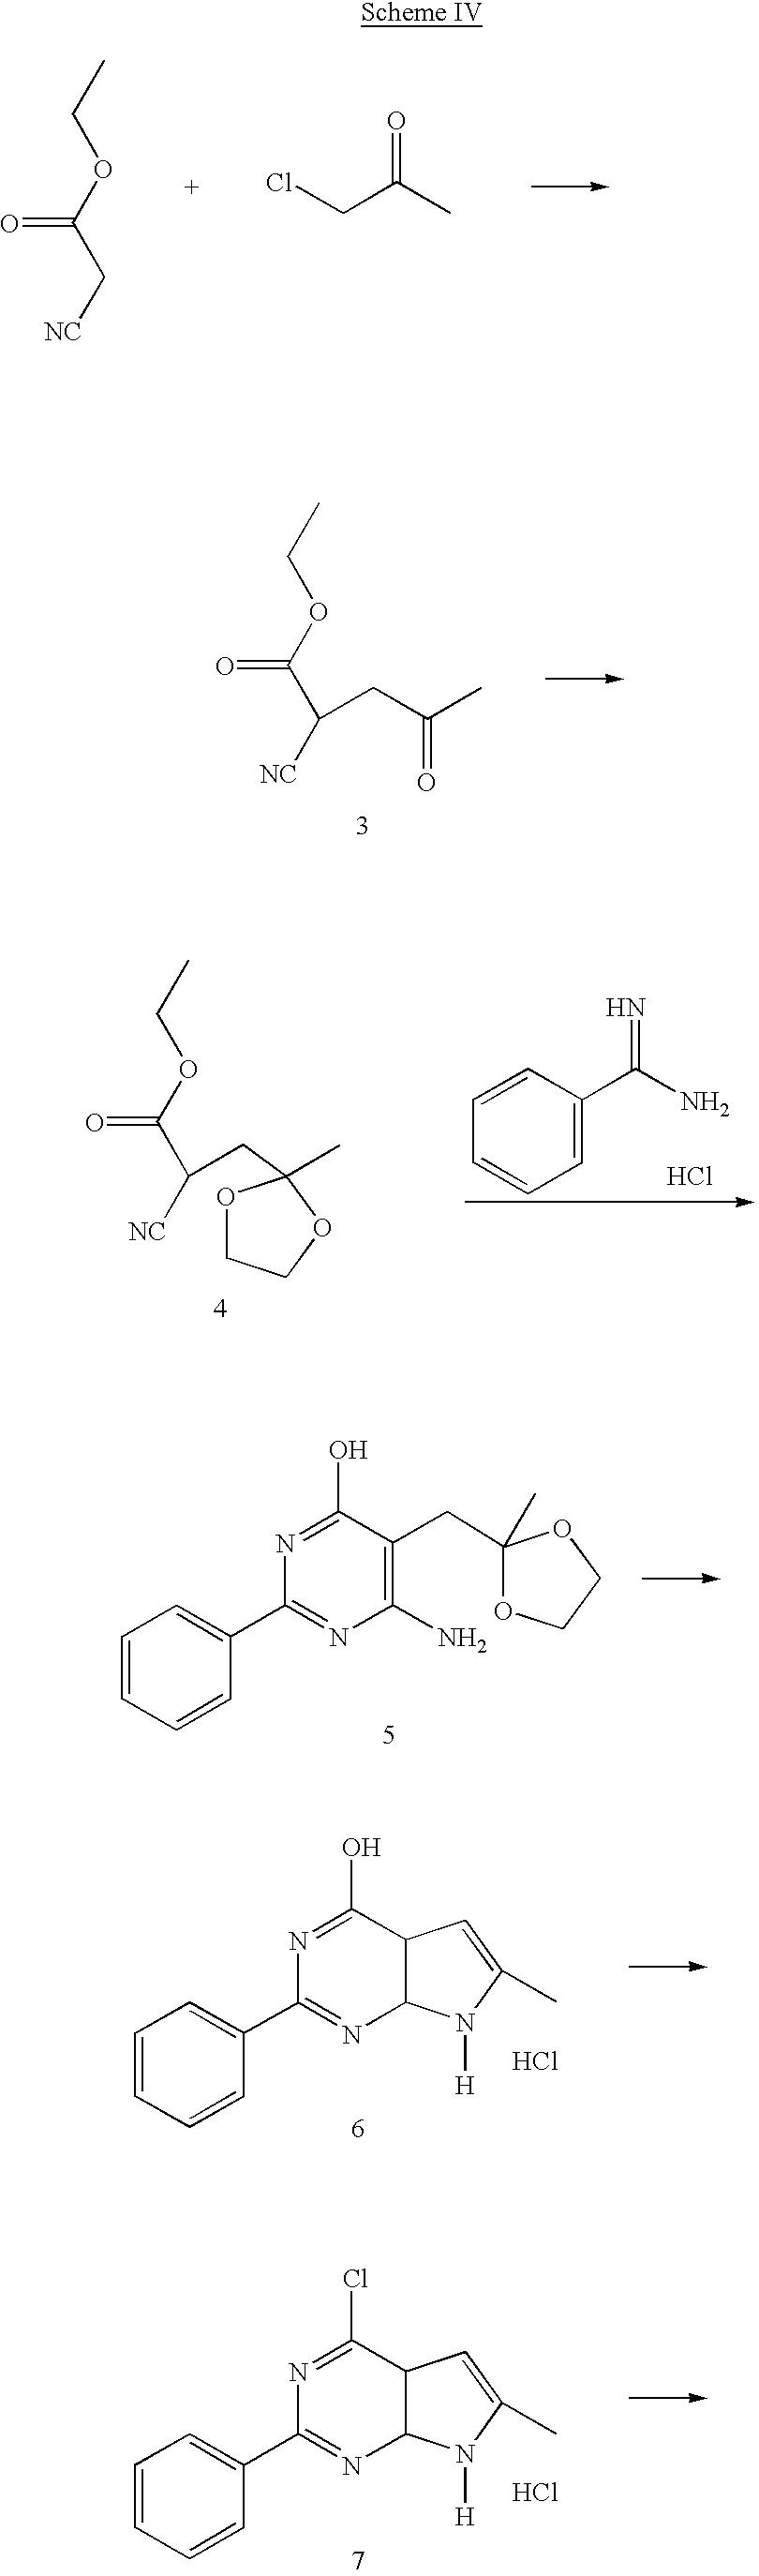 Figure US06686366-20040203-C00110